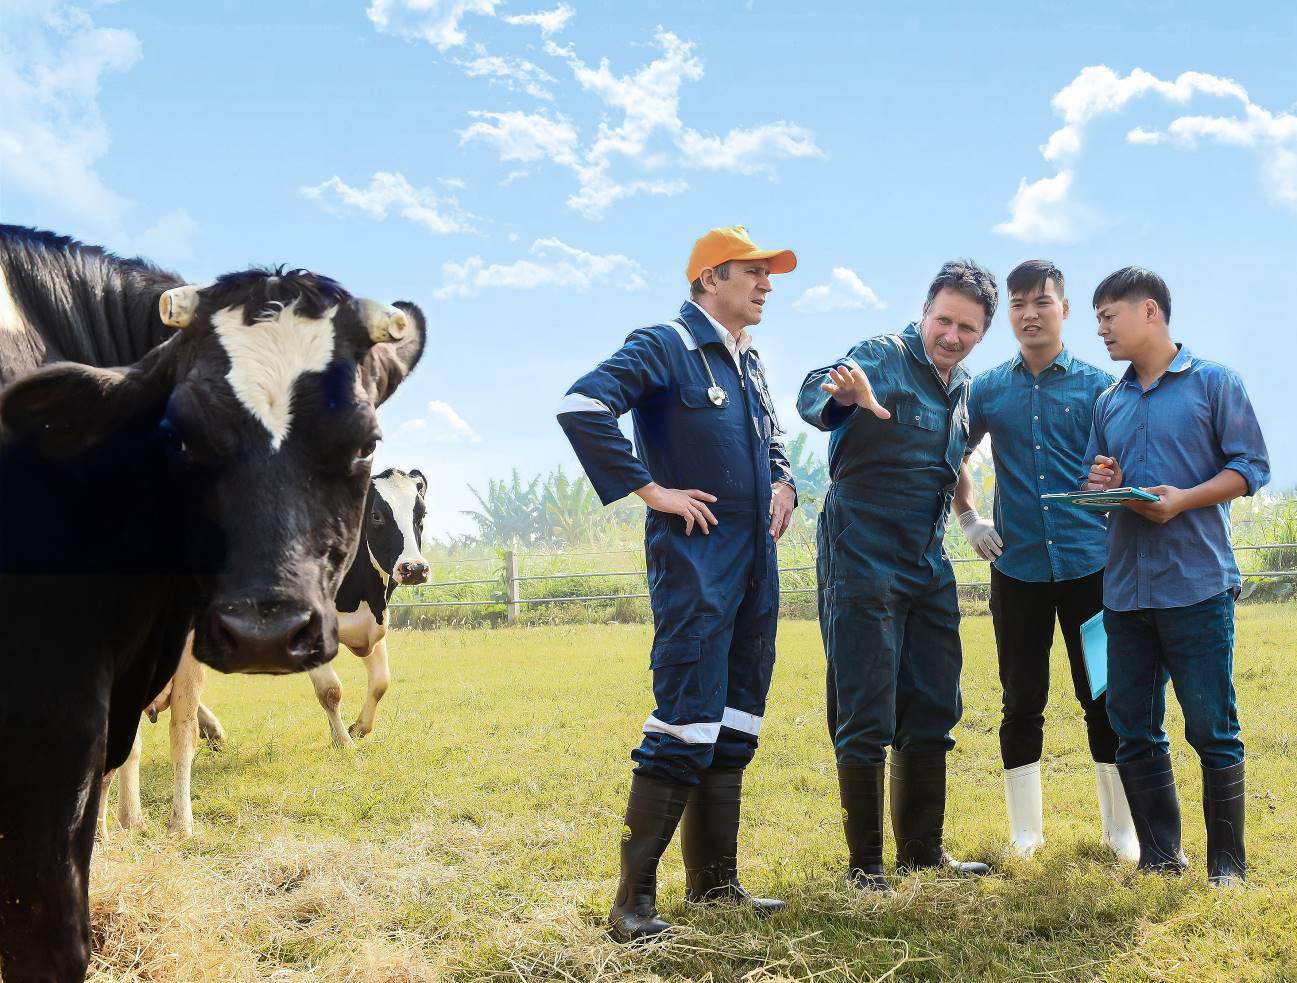 Cô Gái Hà Lan và hành trình kiến tạo giá trị cho ngành chăn nuôi bò sữa bền vững - Ảnh 3.